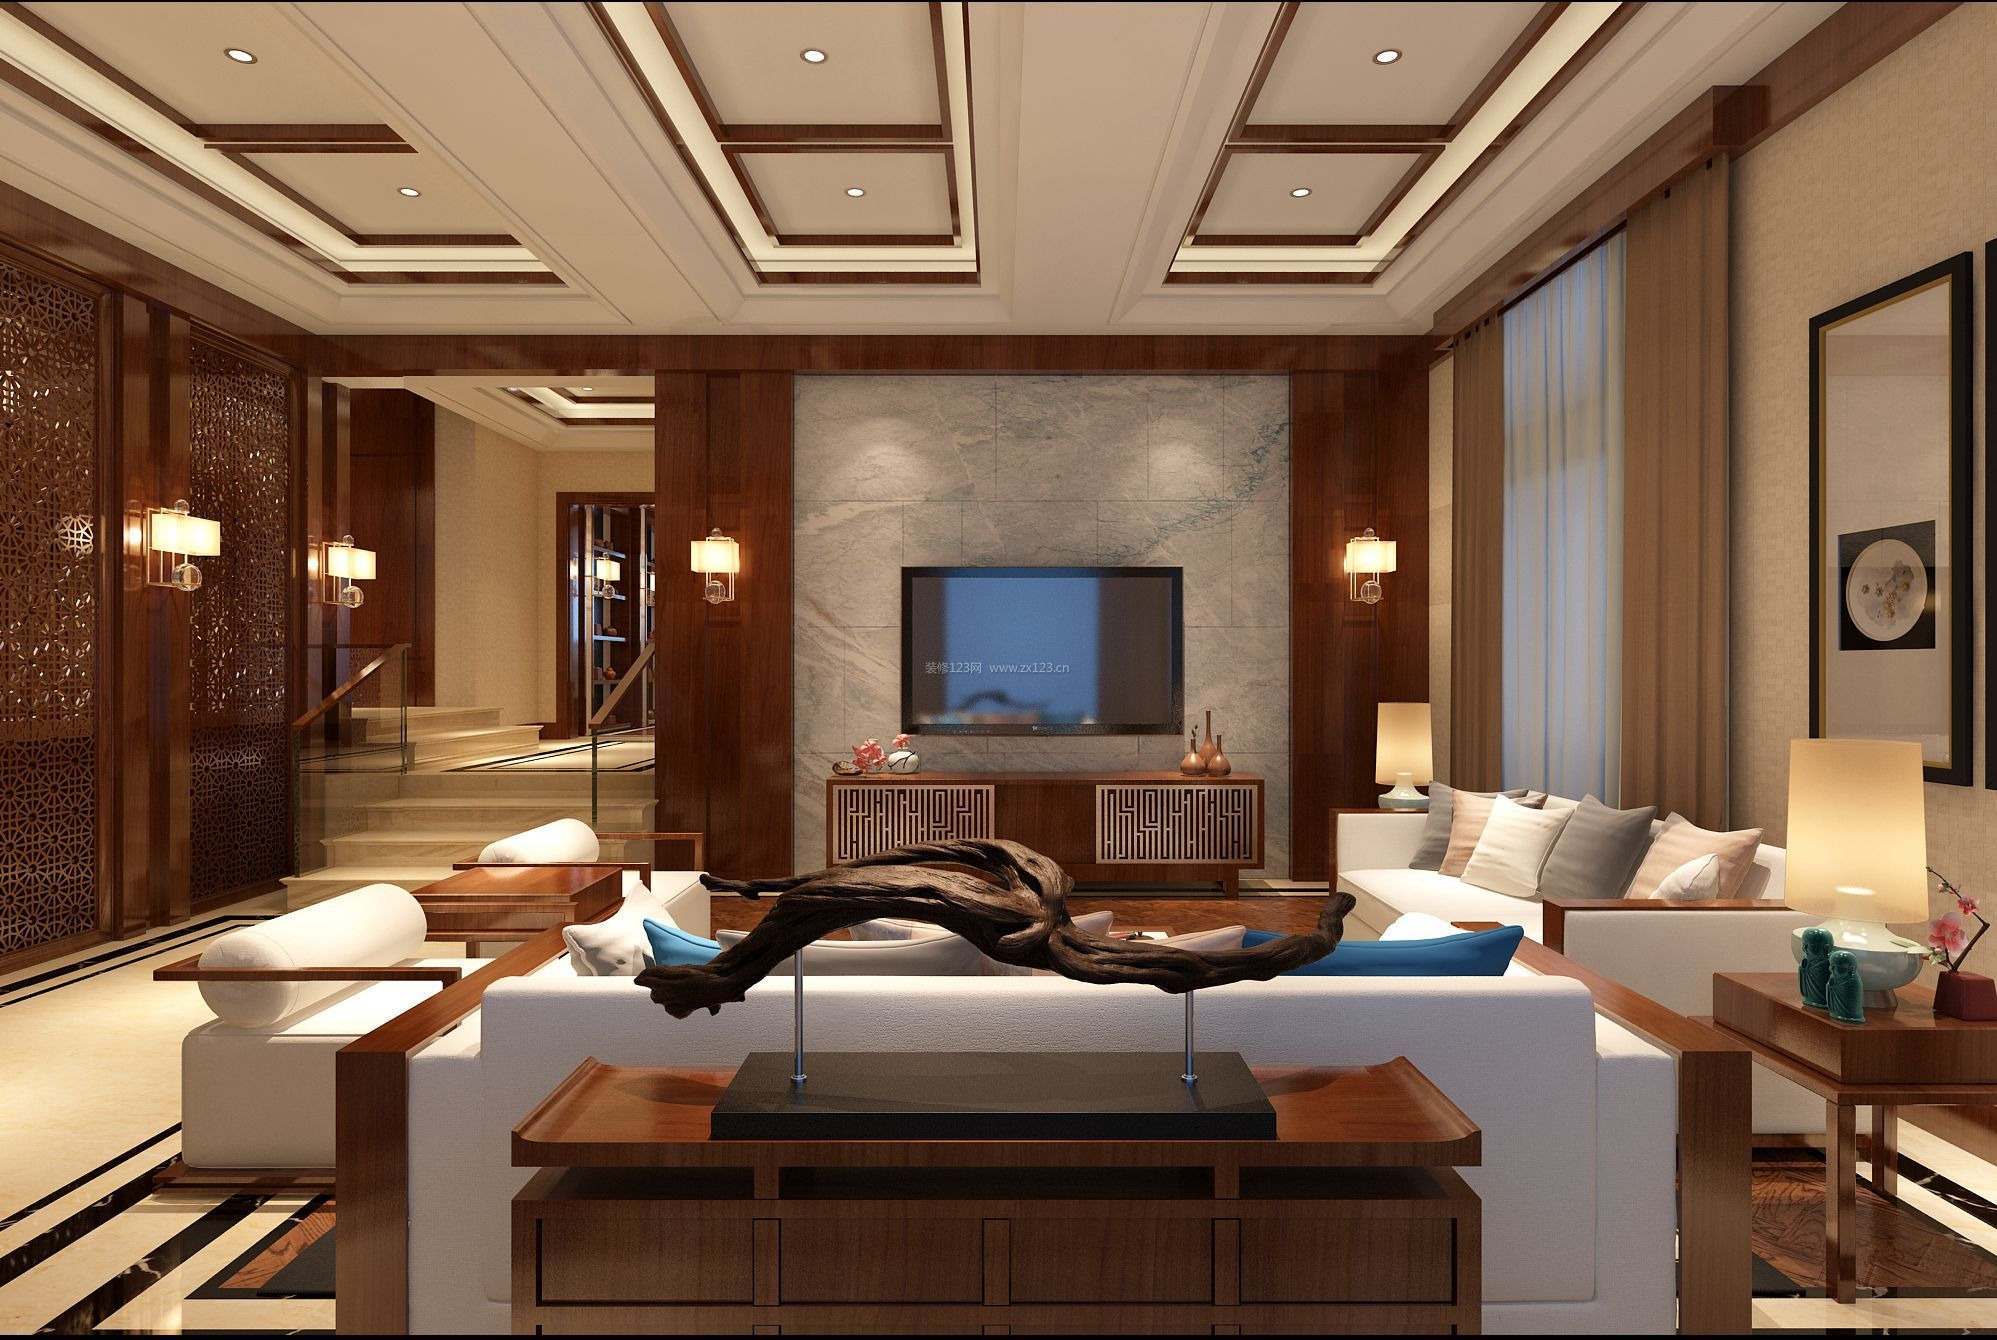 新中式客厅简约大理石电视背景墙装修效果图图片